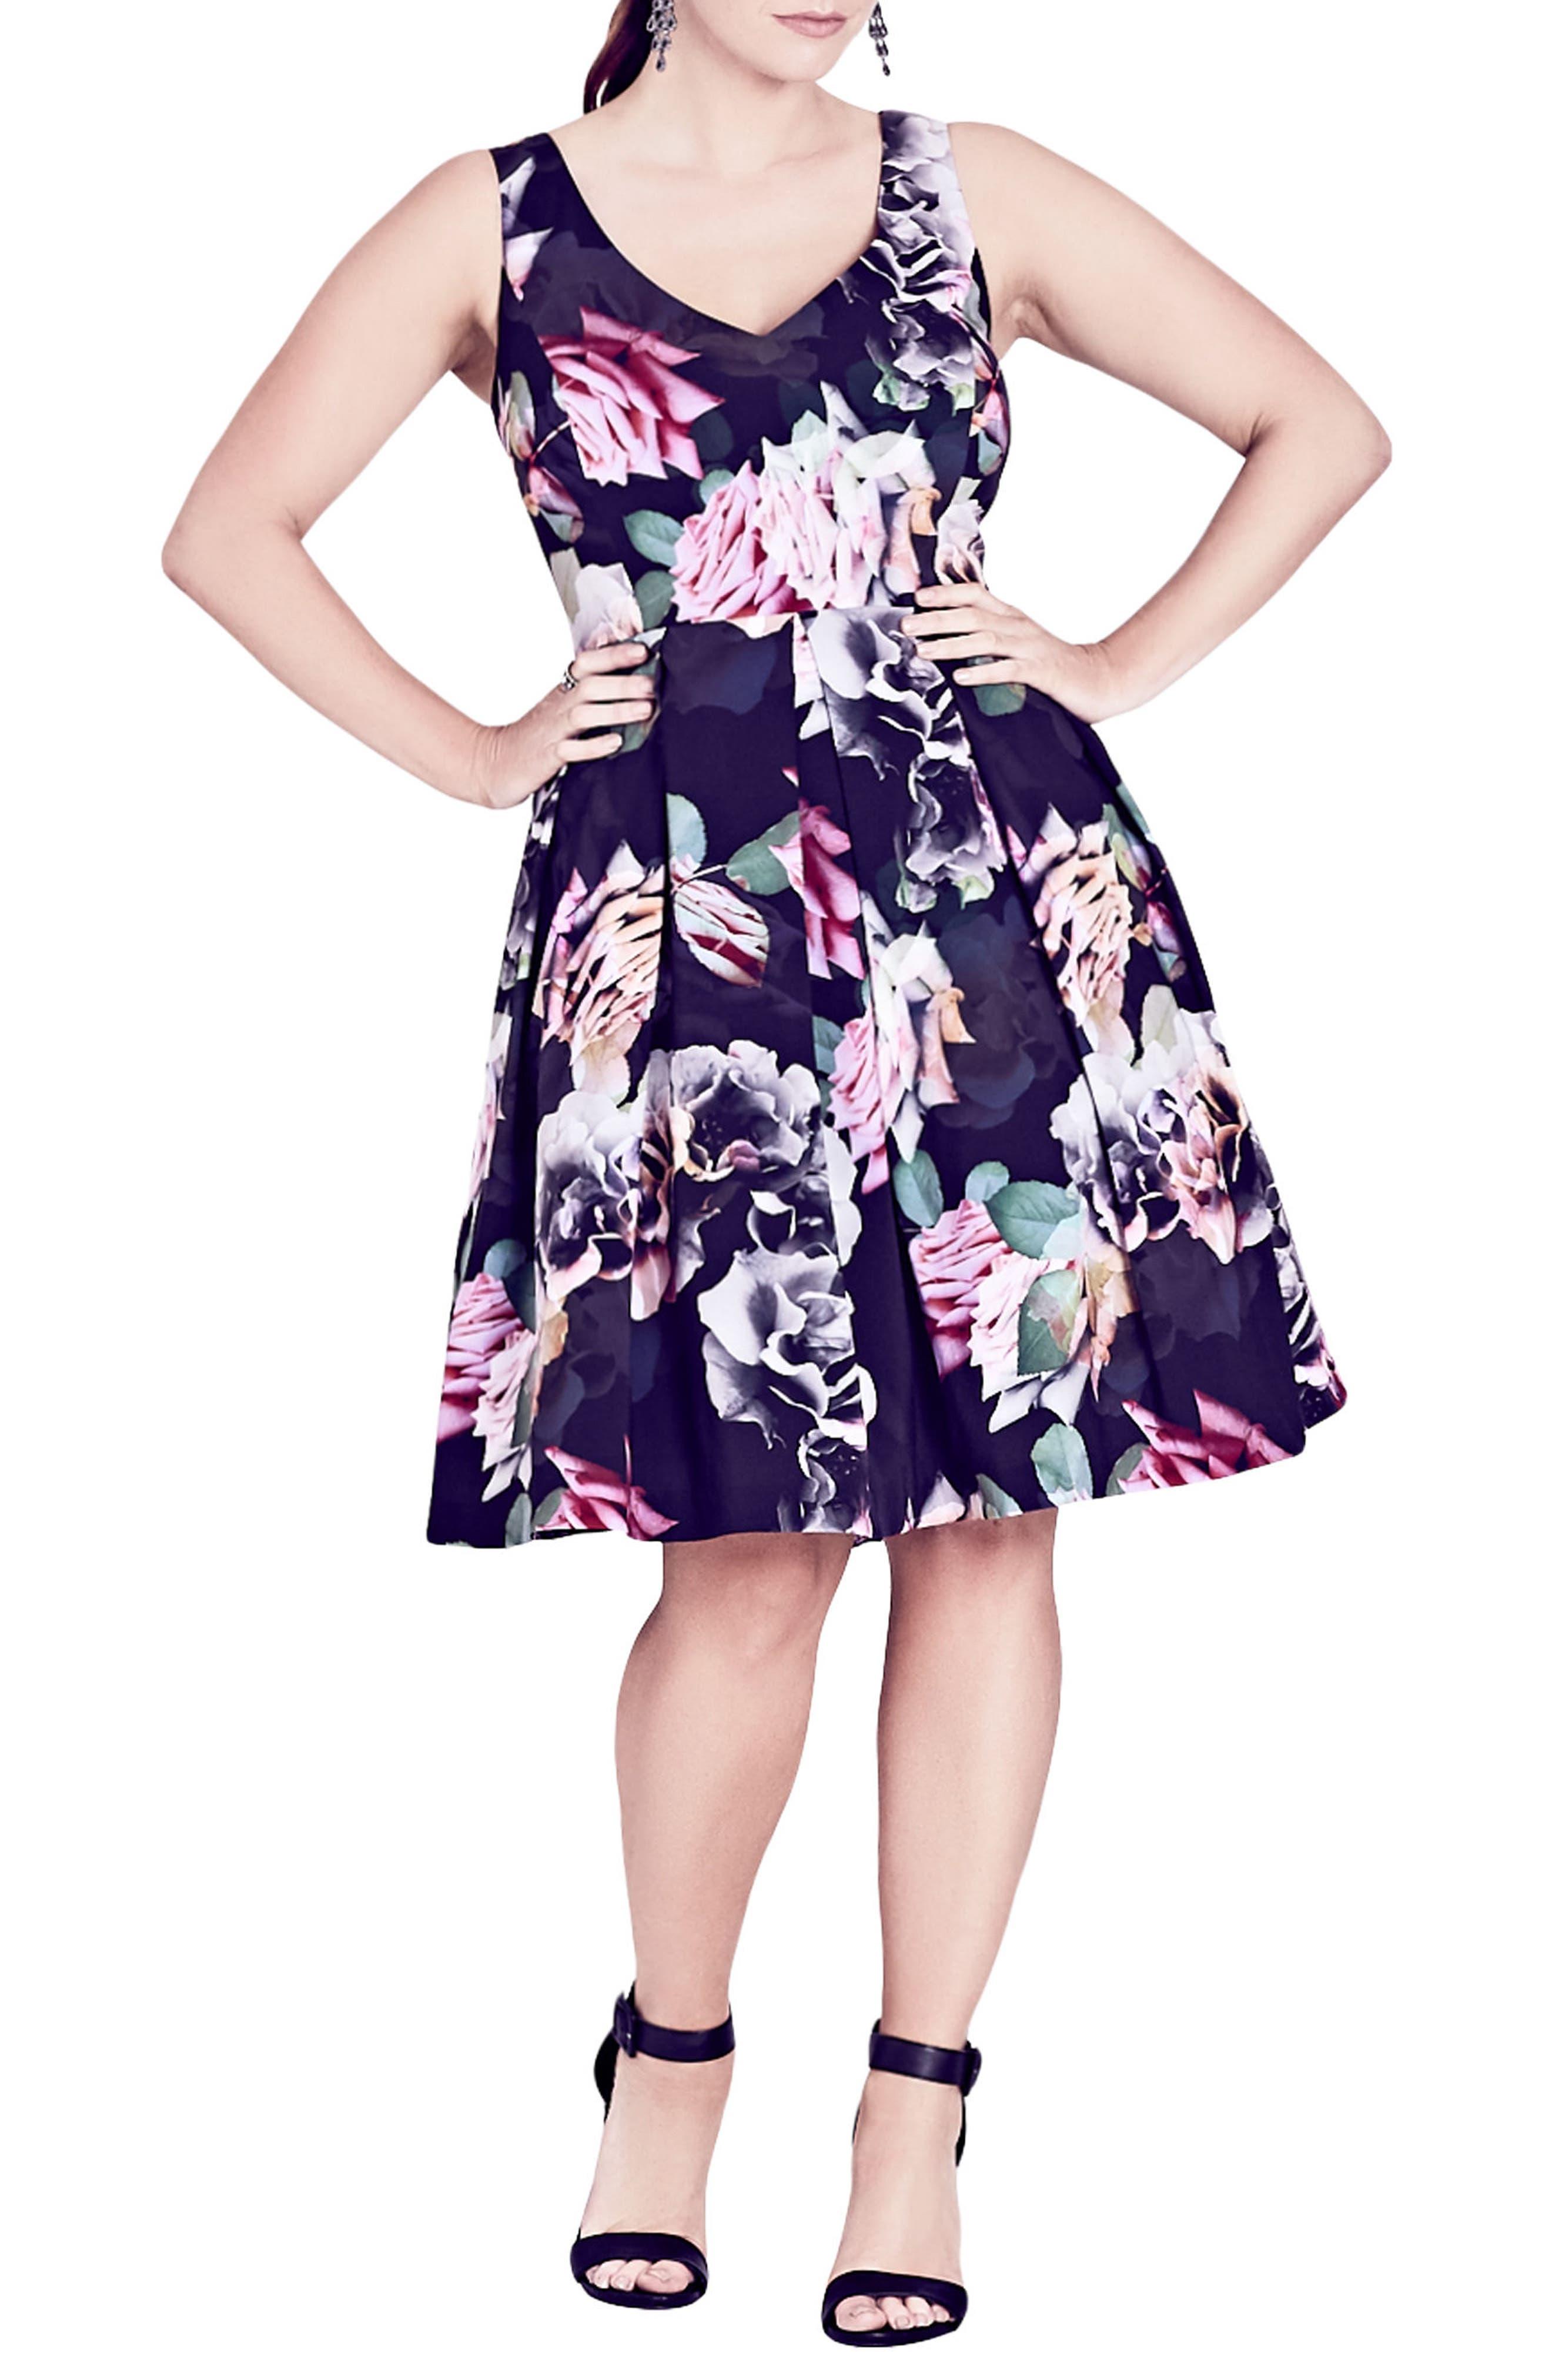 Rose Jewel Fit & Flare Dress,                             Main thumbnail 1, color,                             Black